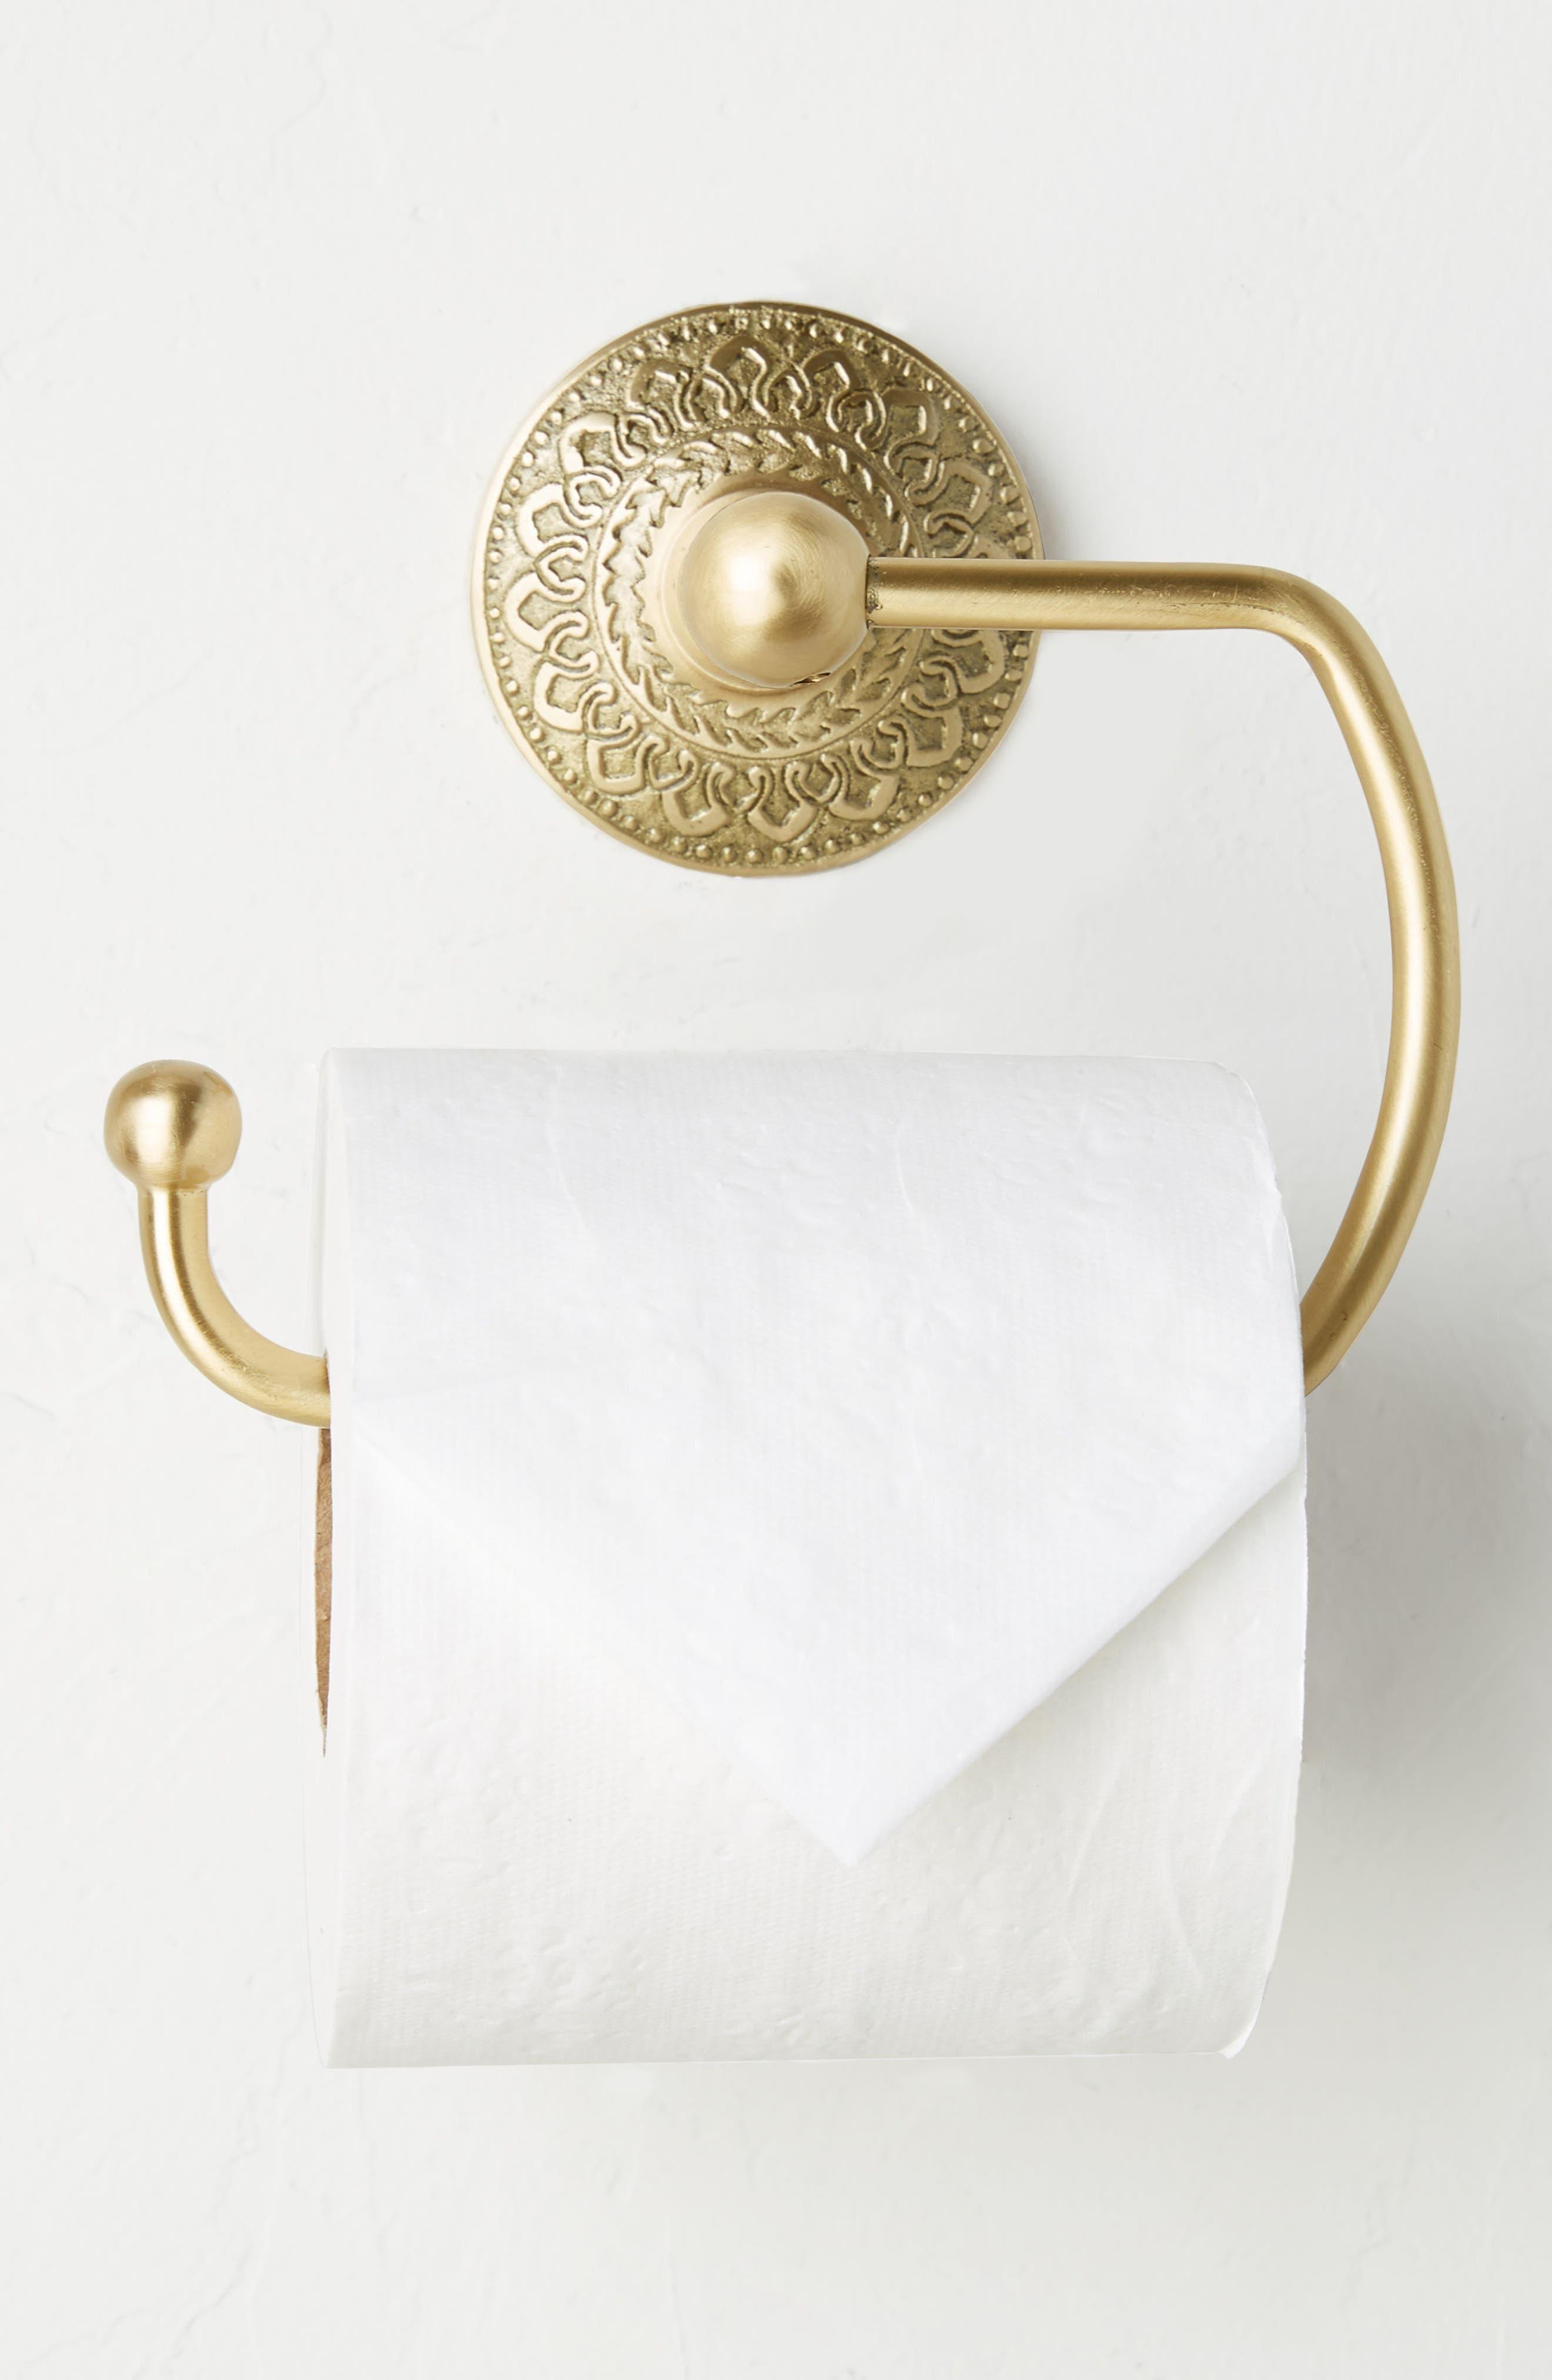 Anthropologie Brass Medallion Toilet Paper Holder